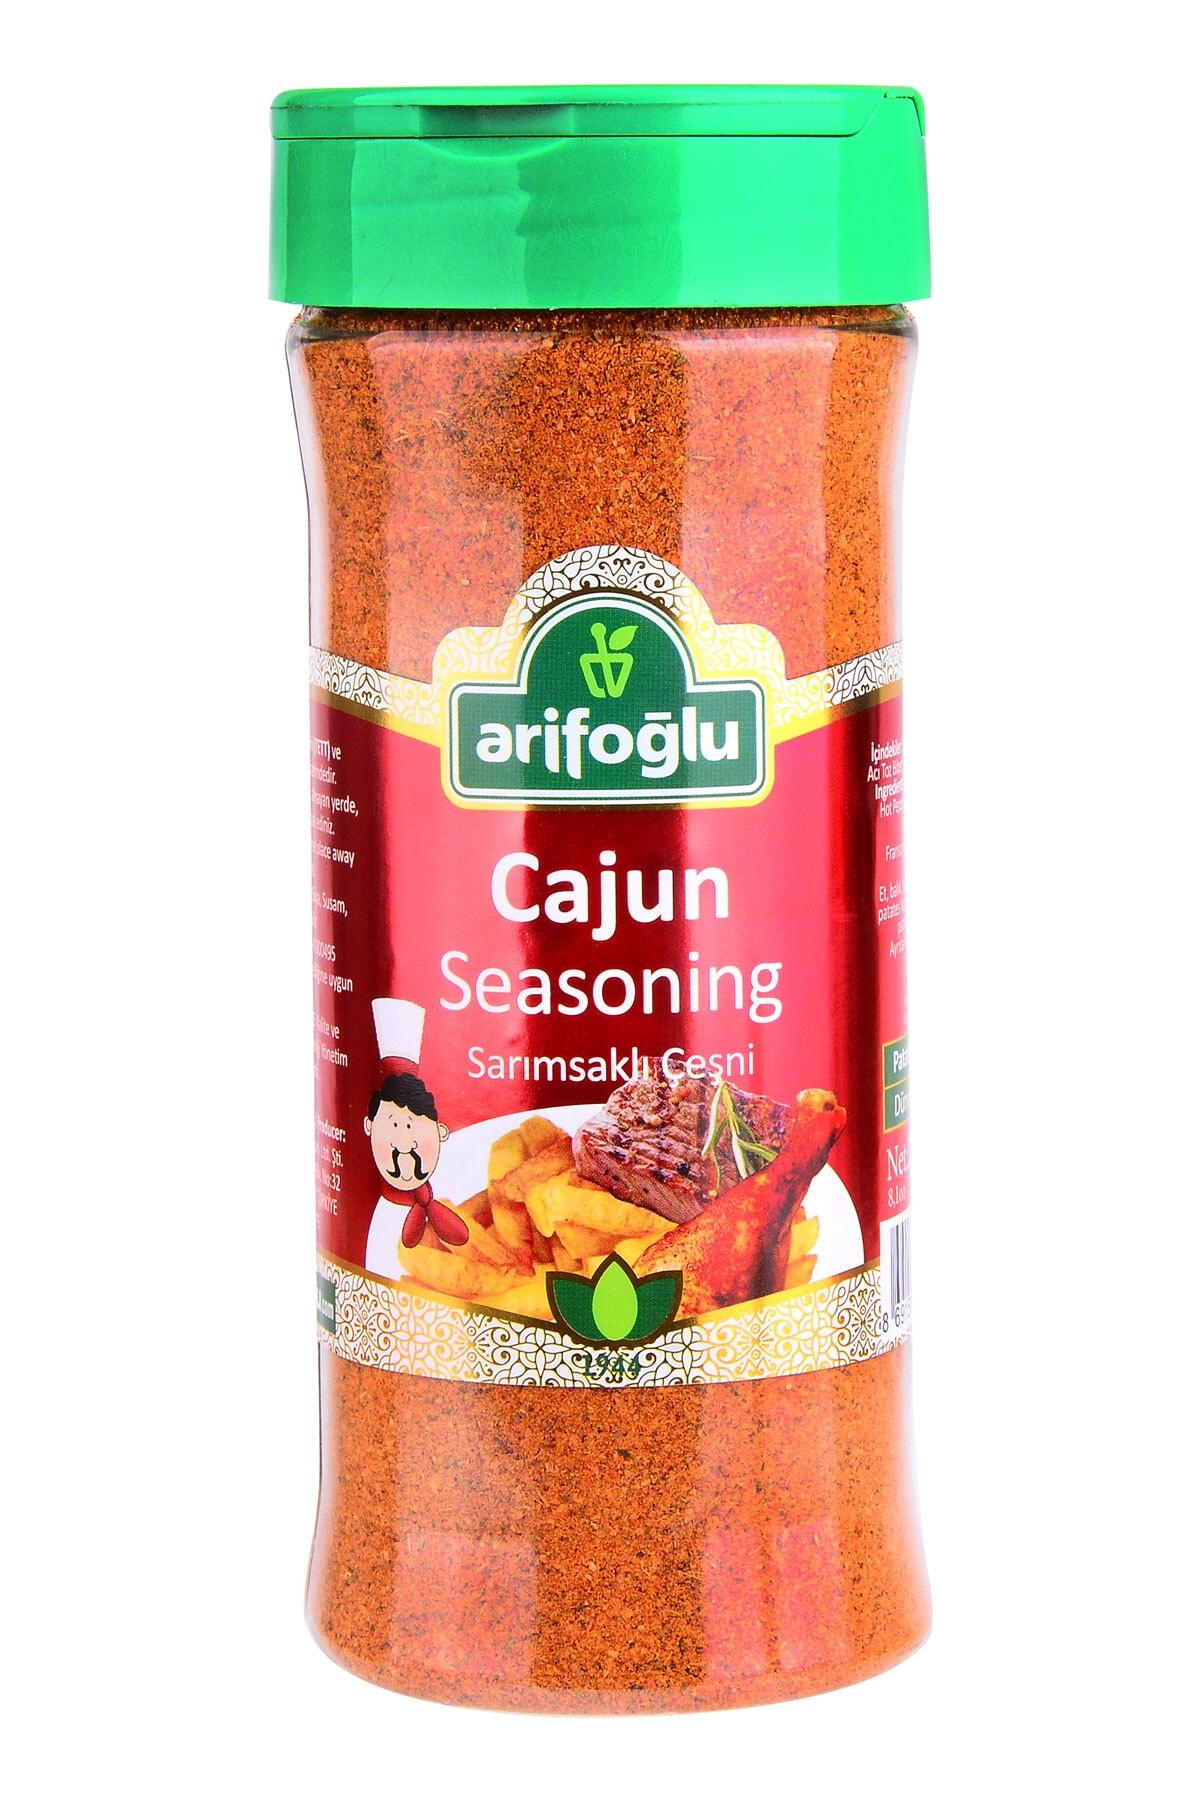 Arifoğlu Cajun Seasoning Sarımsaklı Çeşni 230 gr (Pet) 1